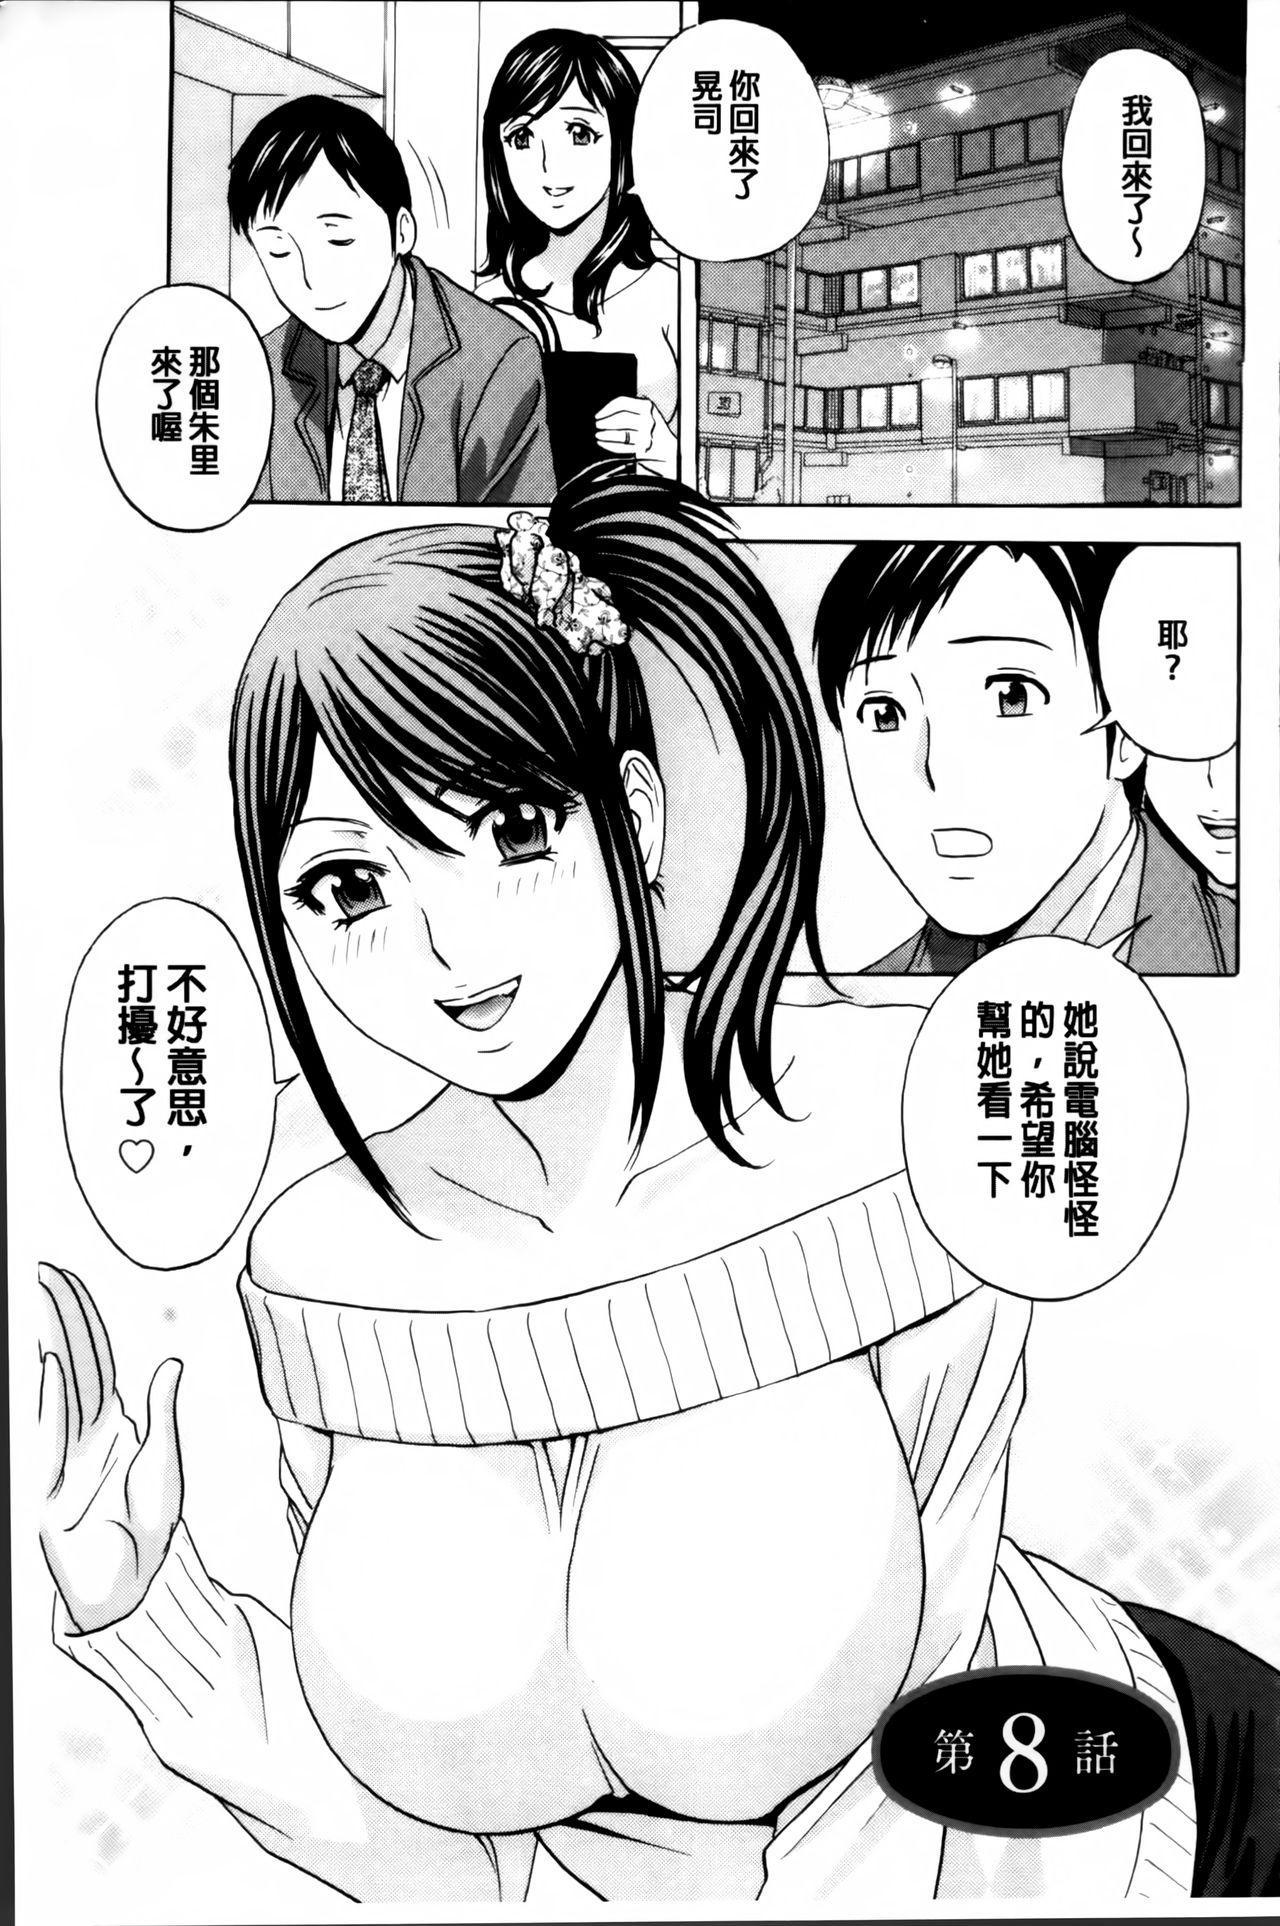 Midara Shimai Asobi 143